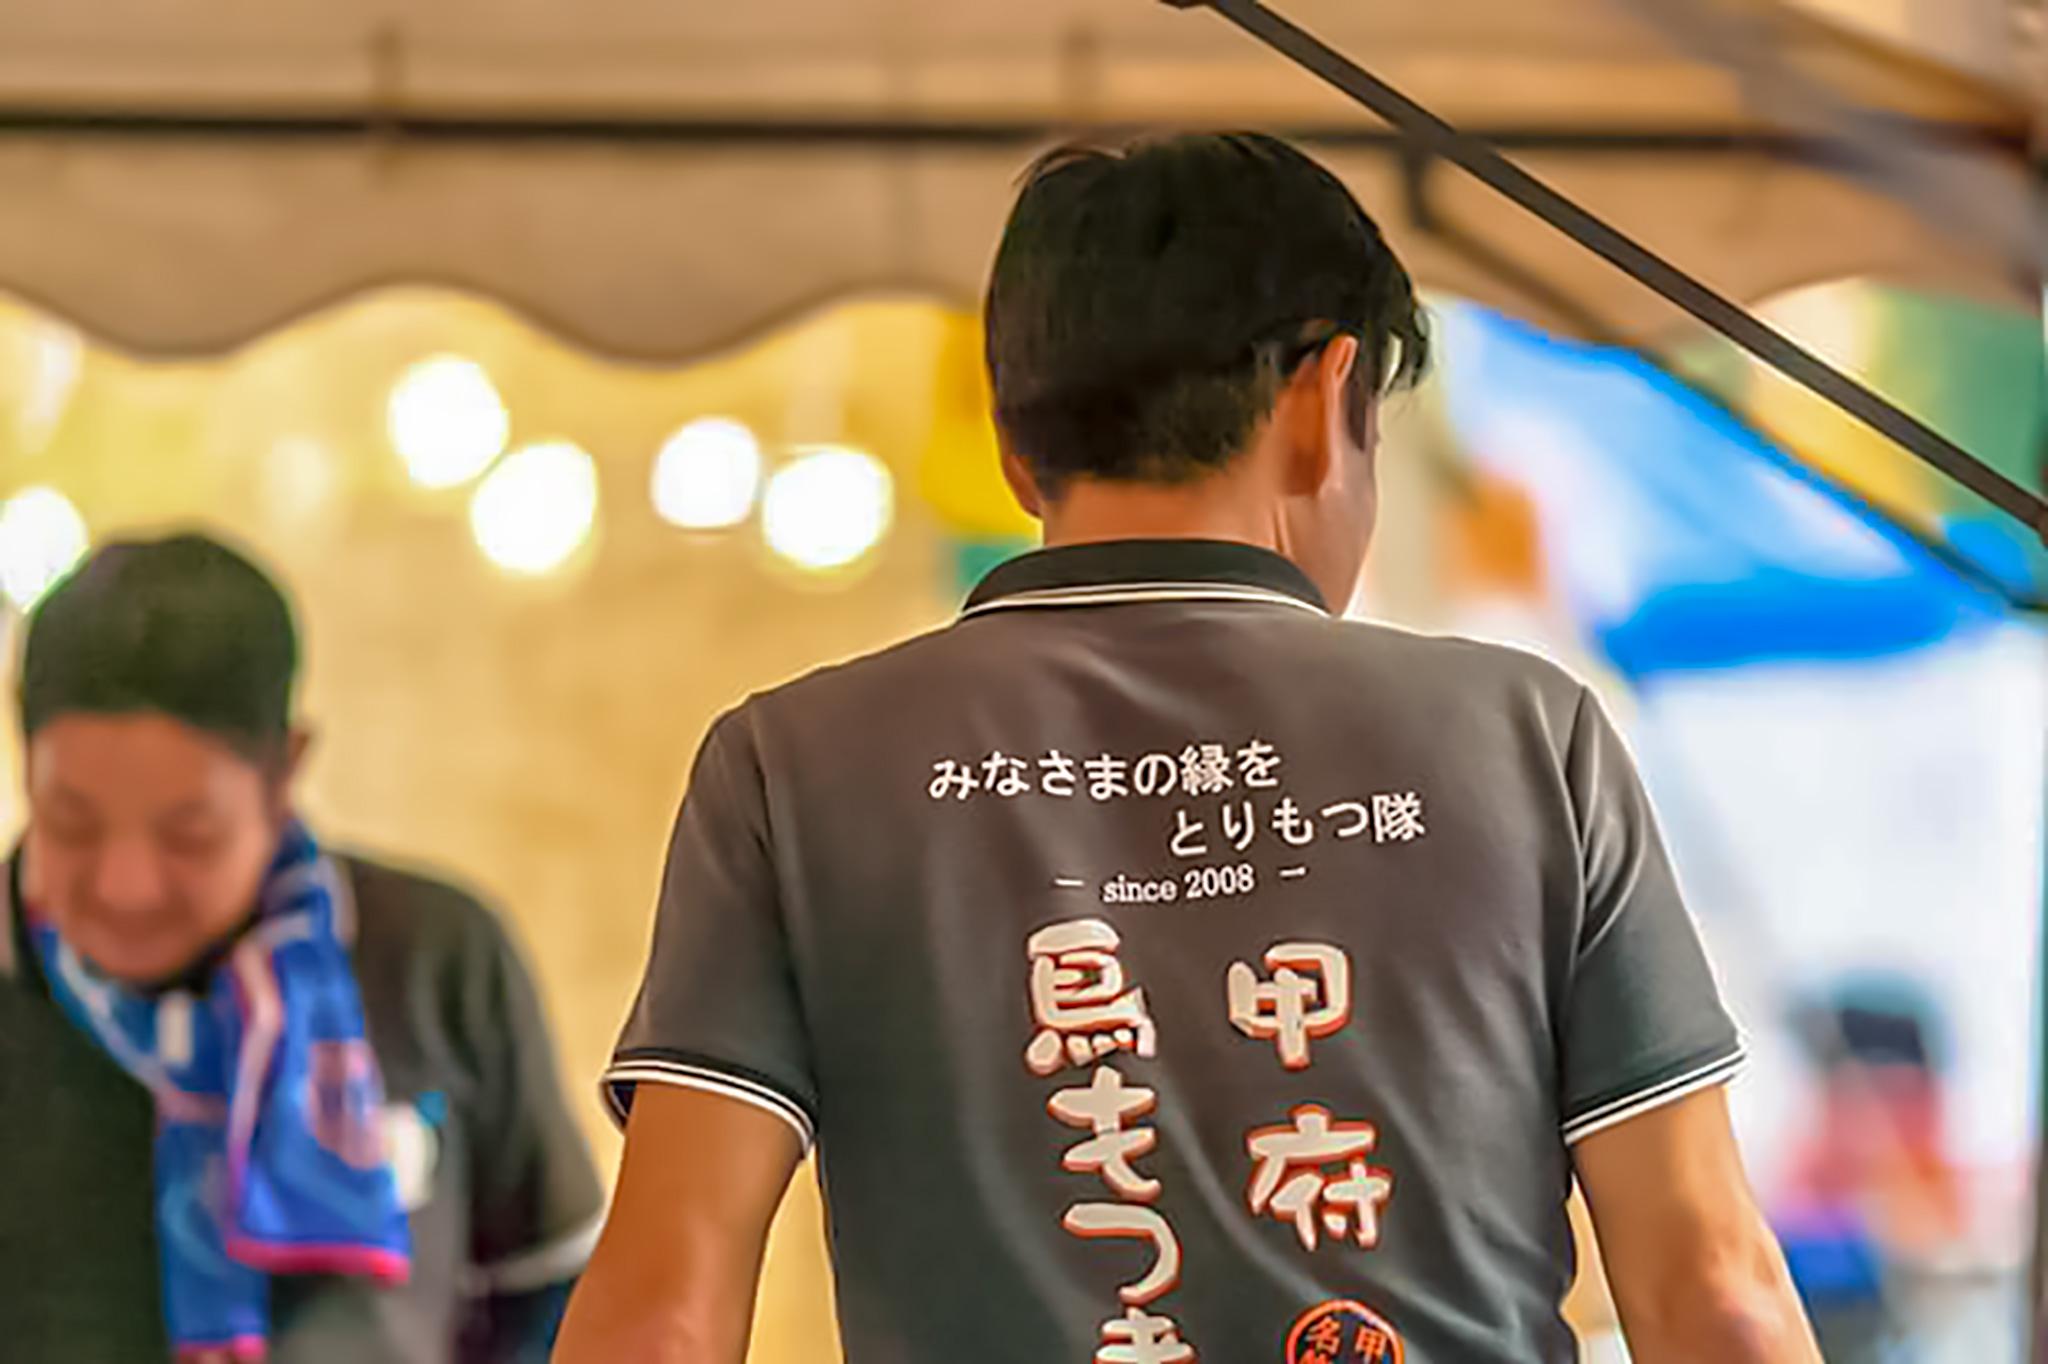 土橋克己さん 写真10